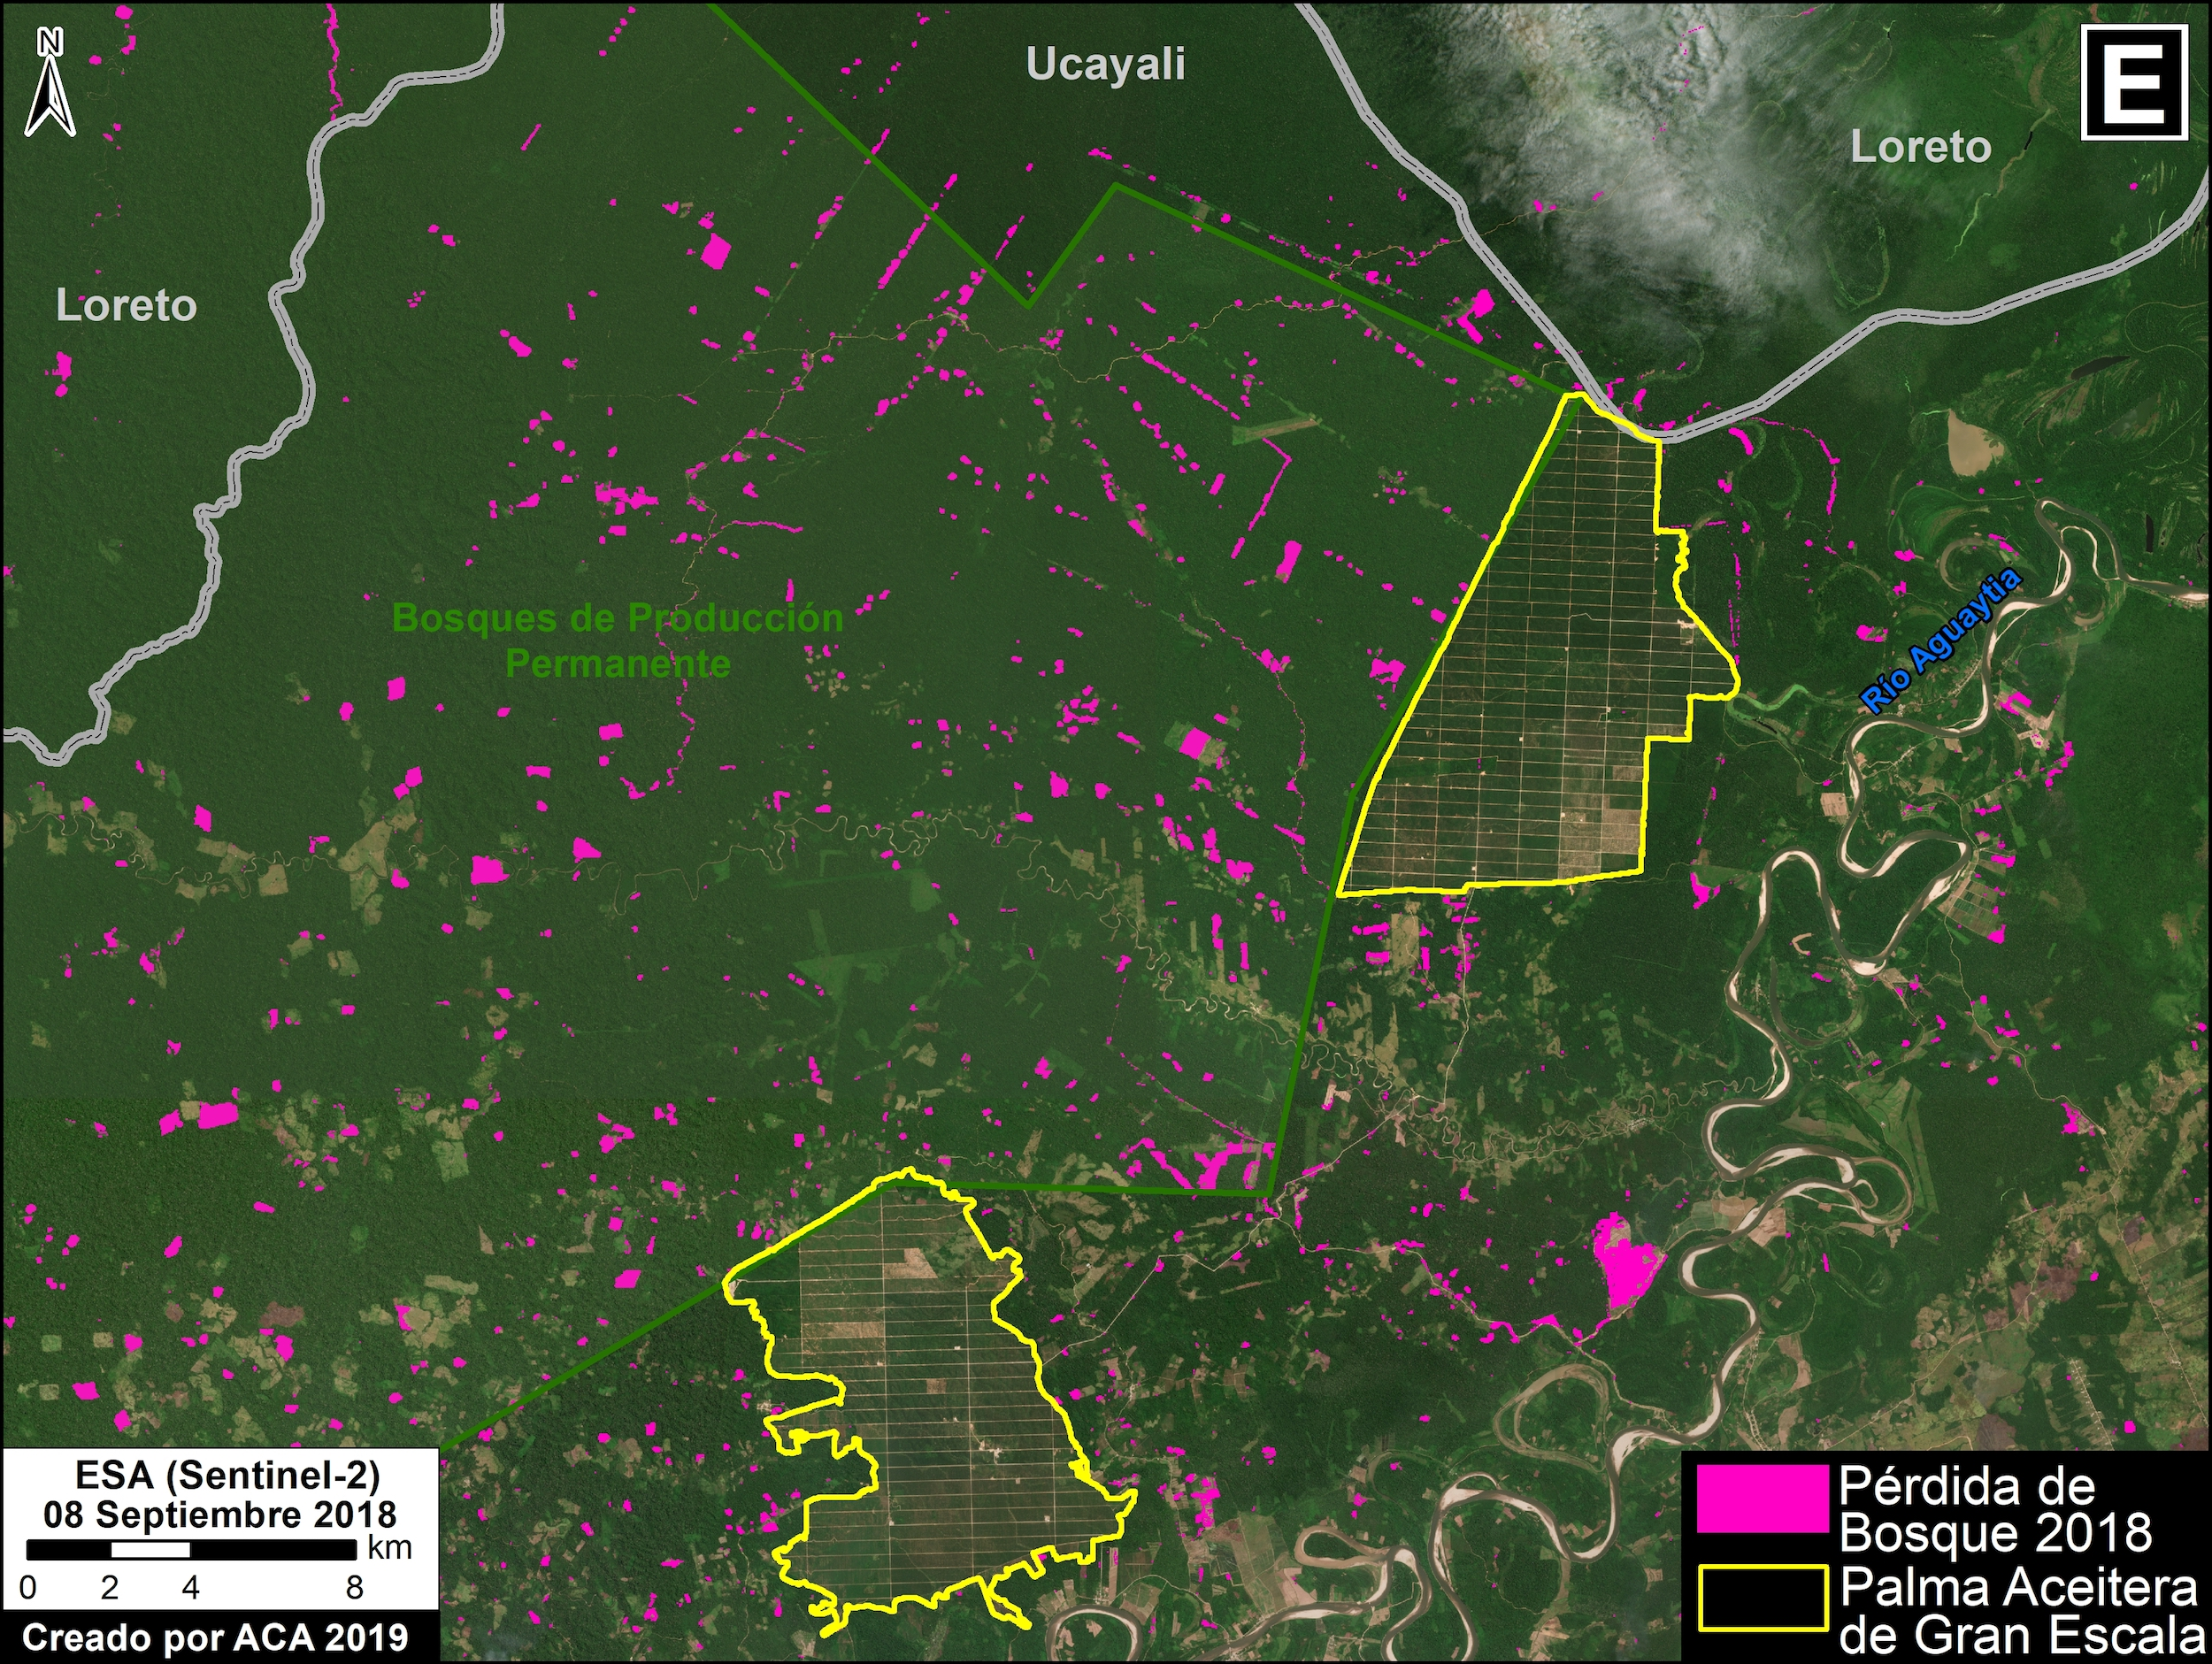 La pérdida de cobertura forestal avanza en los Bosques de Protección Permanente de Ucayali. Imagen: MAAP / ACCA.